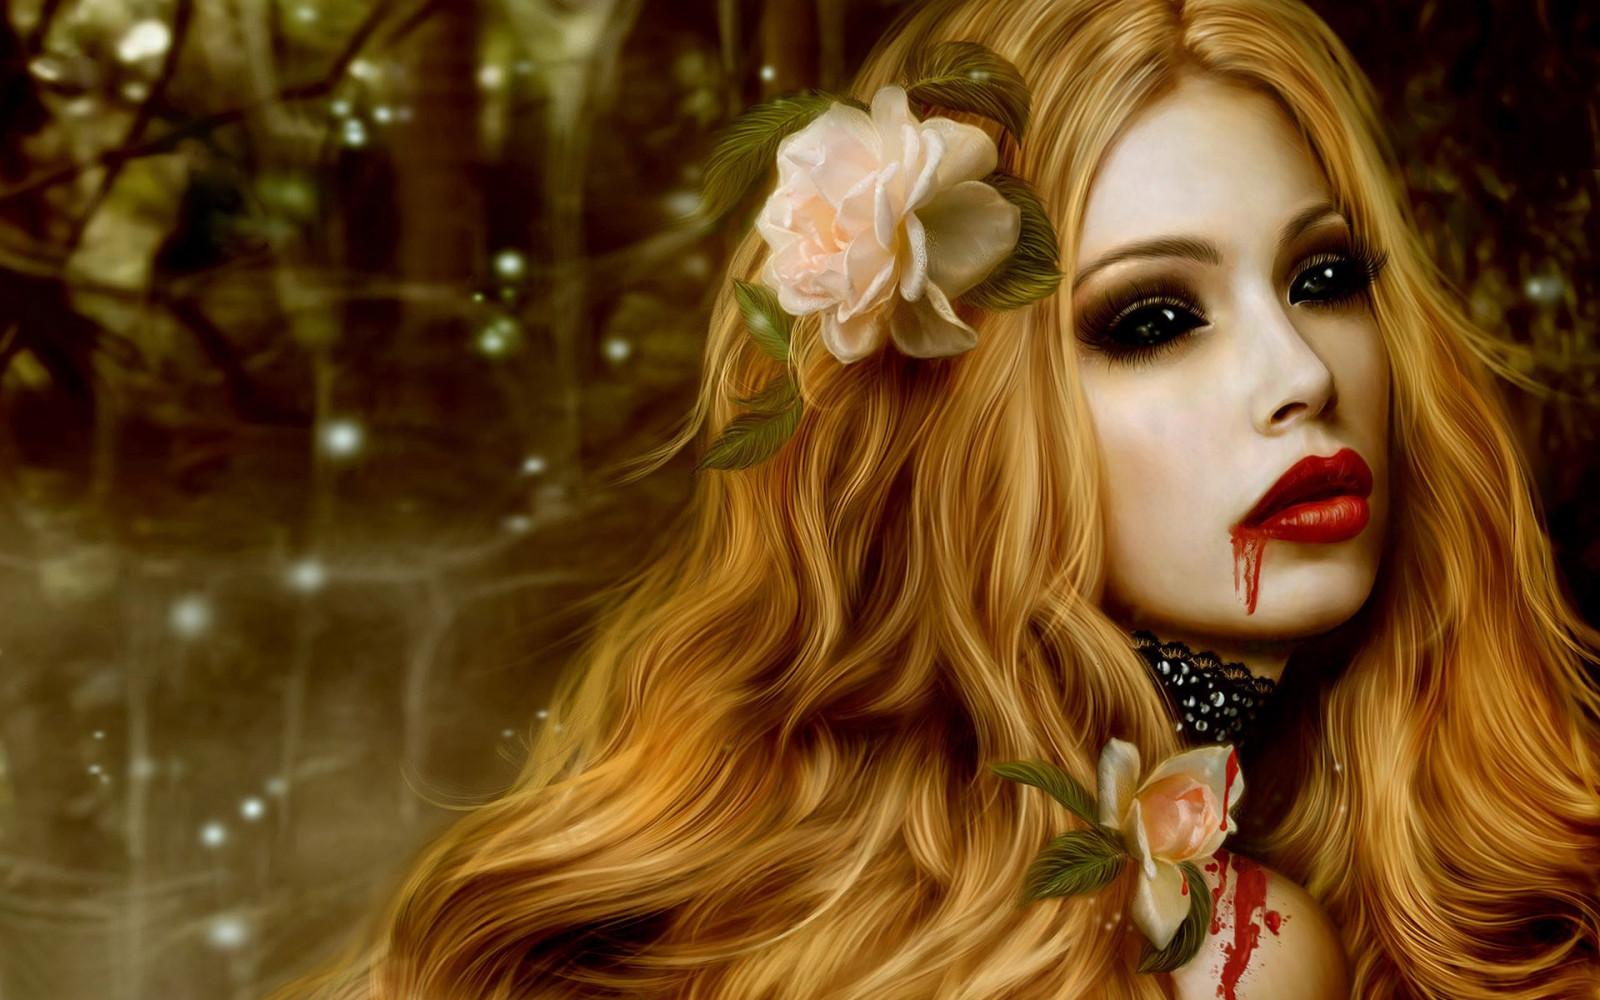 Фото вампира девушки блондинки